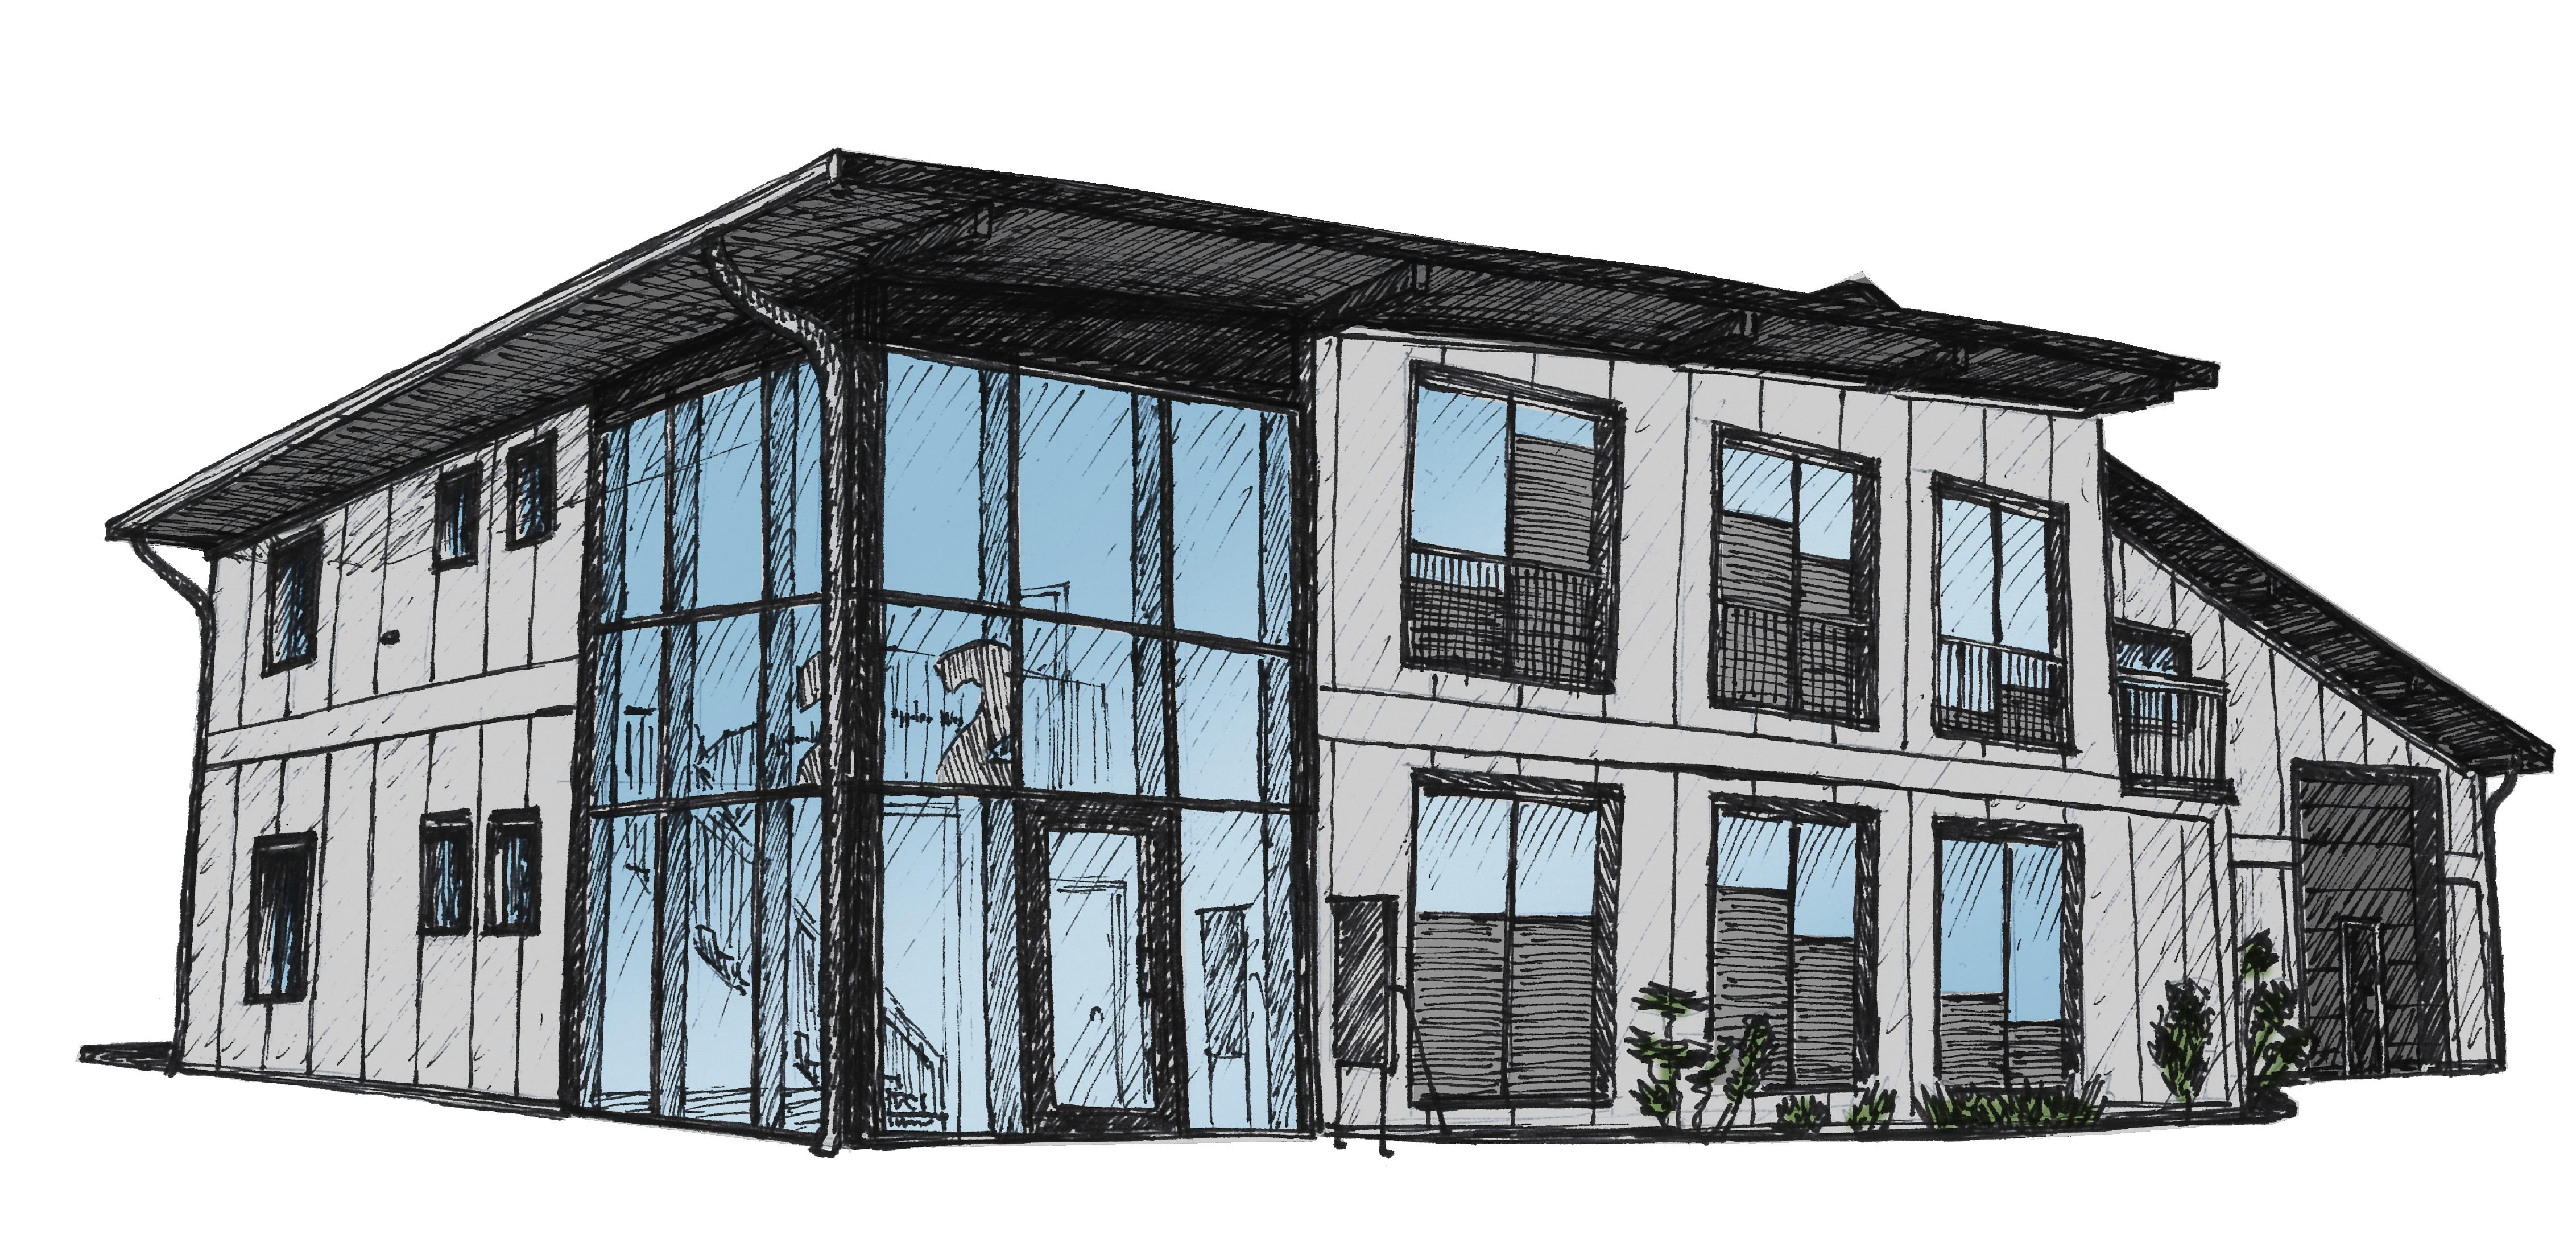 Gebäude Zeichnung